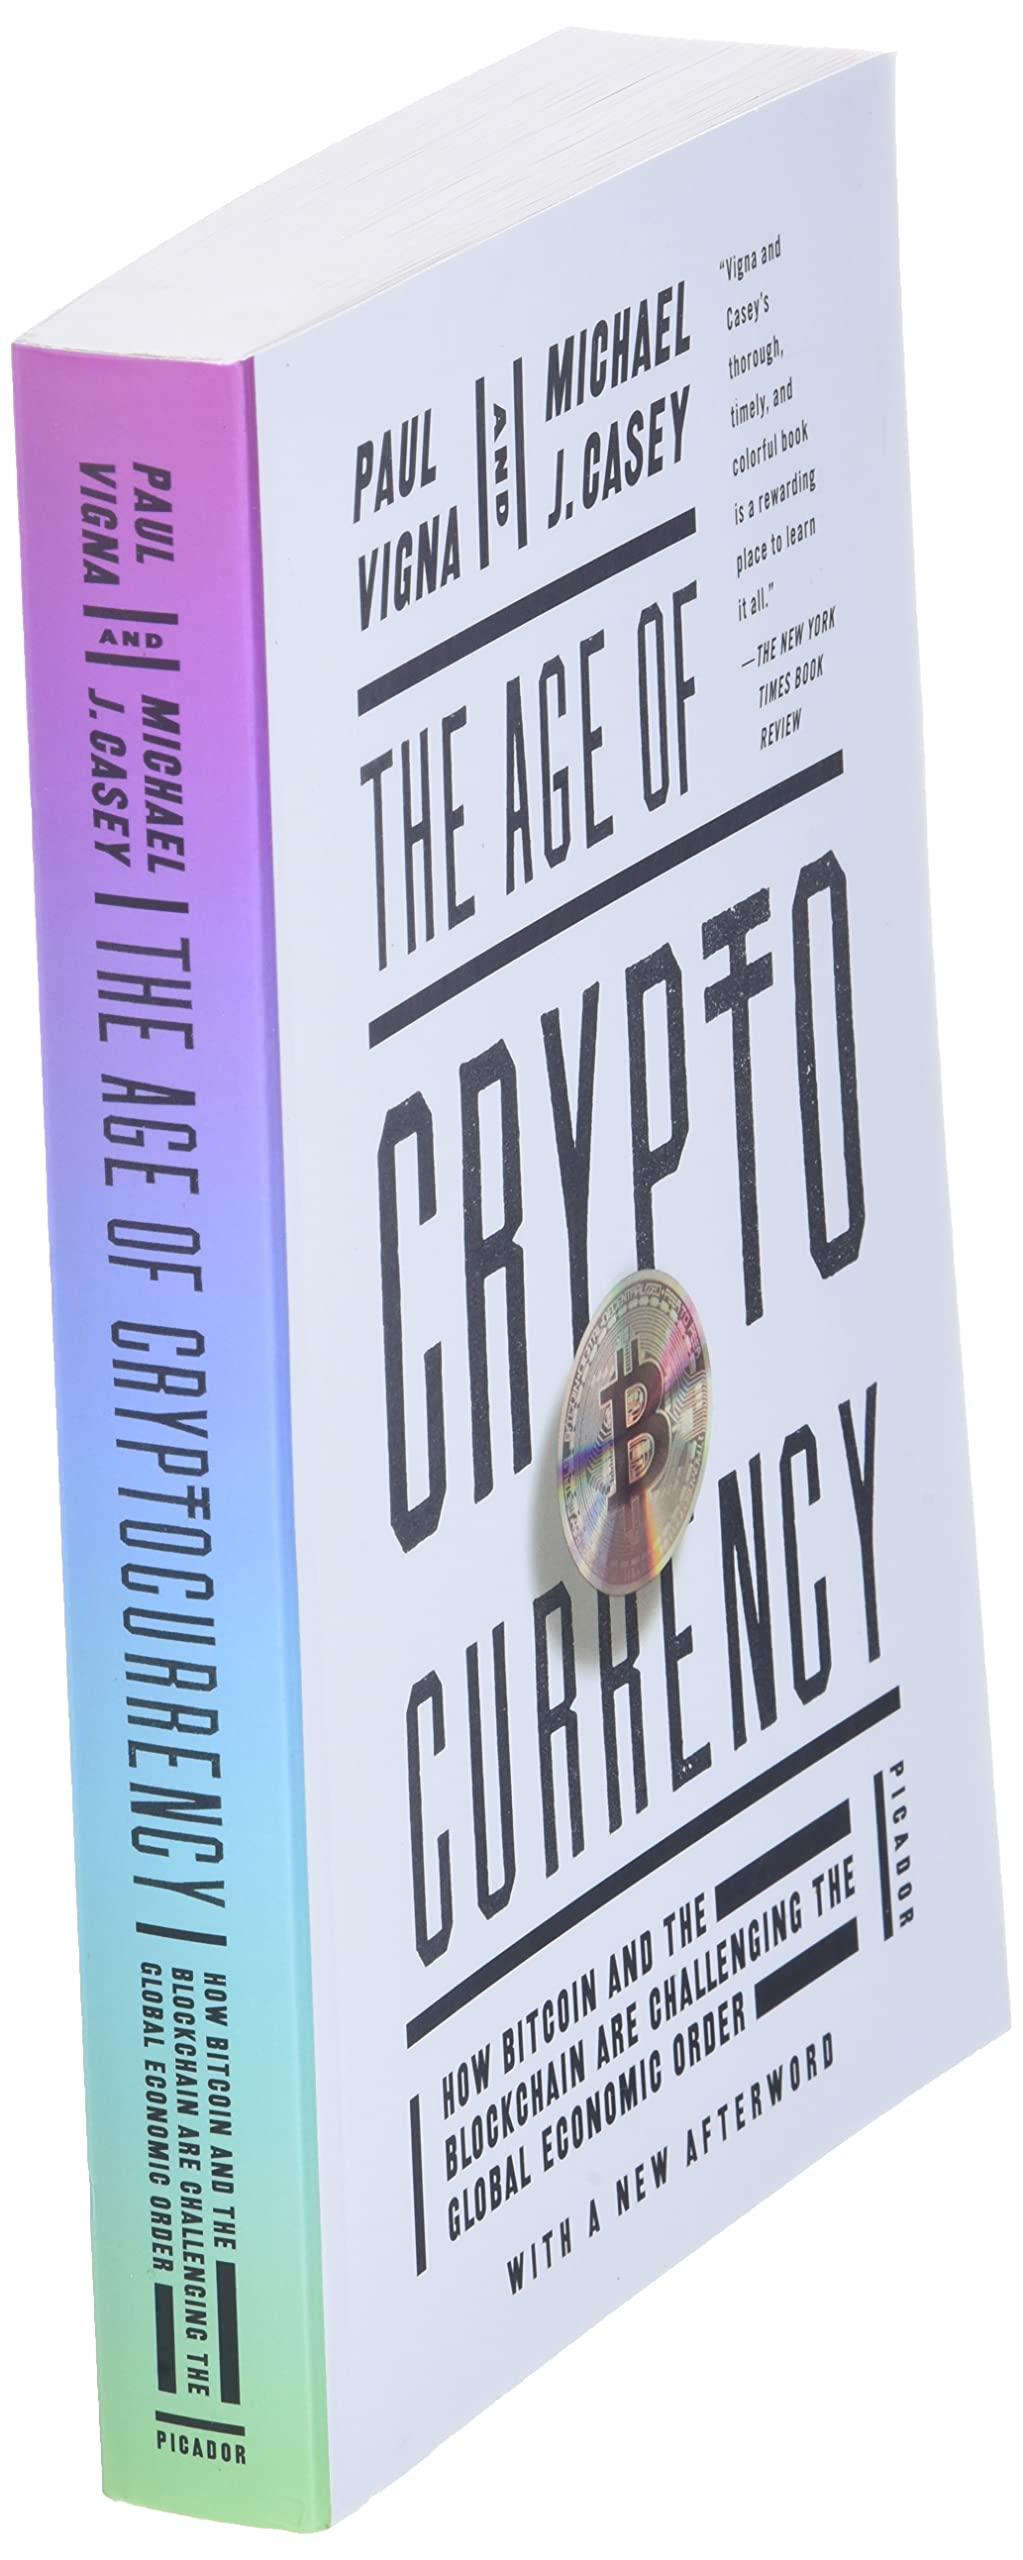 Kas yra bitkoinai ir ką svarbu apie juos žinoti? - Kas yra bitkoinai paprasta kalba